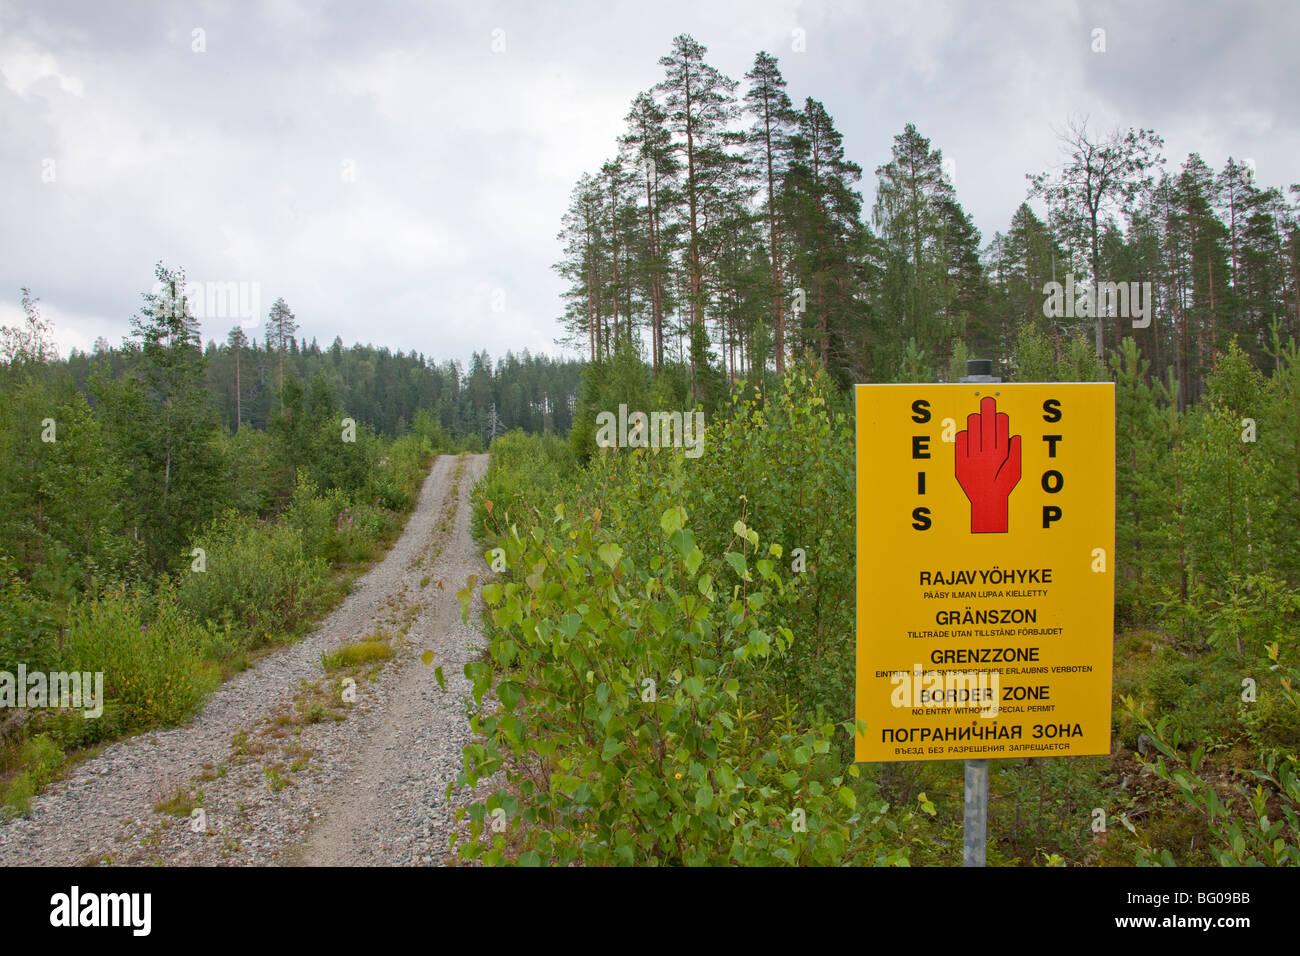 Grenze zwischen Finnland und Russland in Karelien Sign. Stockbild